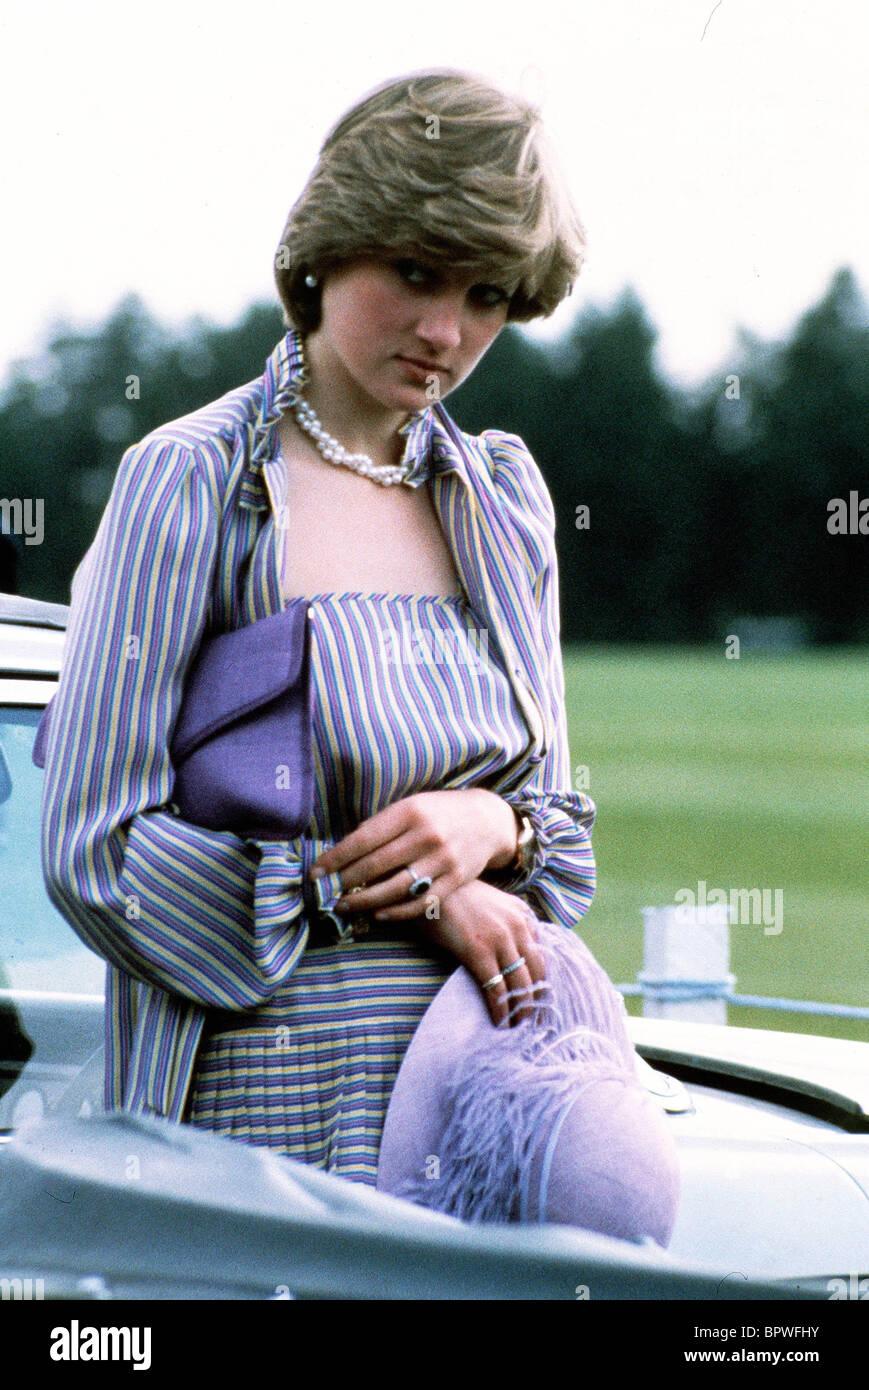 La princesse Diana Princesse de Galles 01 Juin 1981 Photo Stock